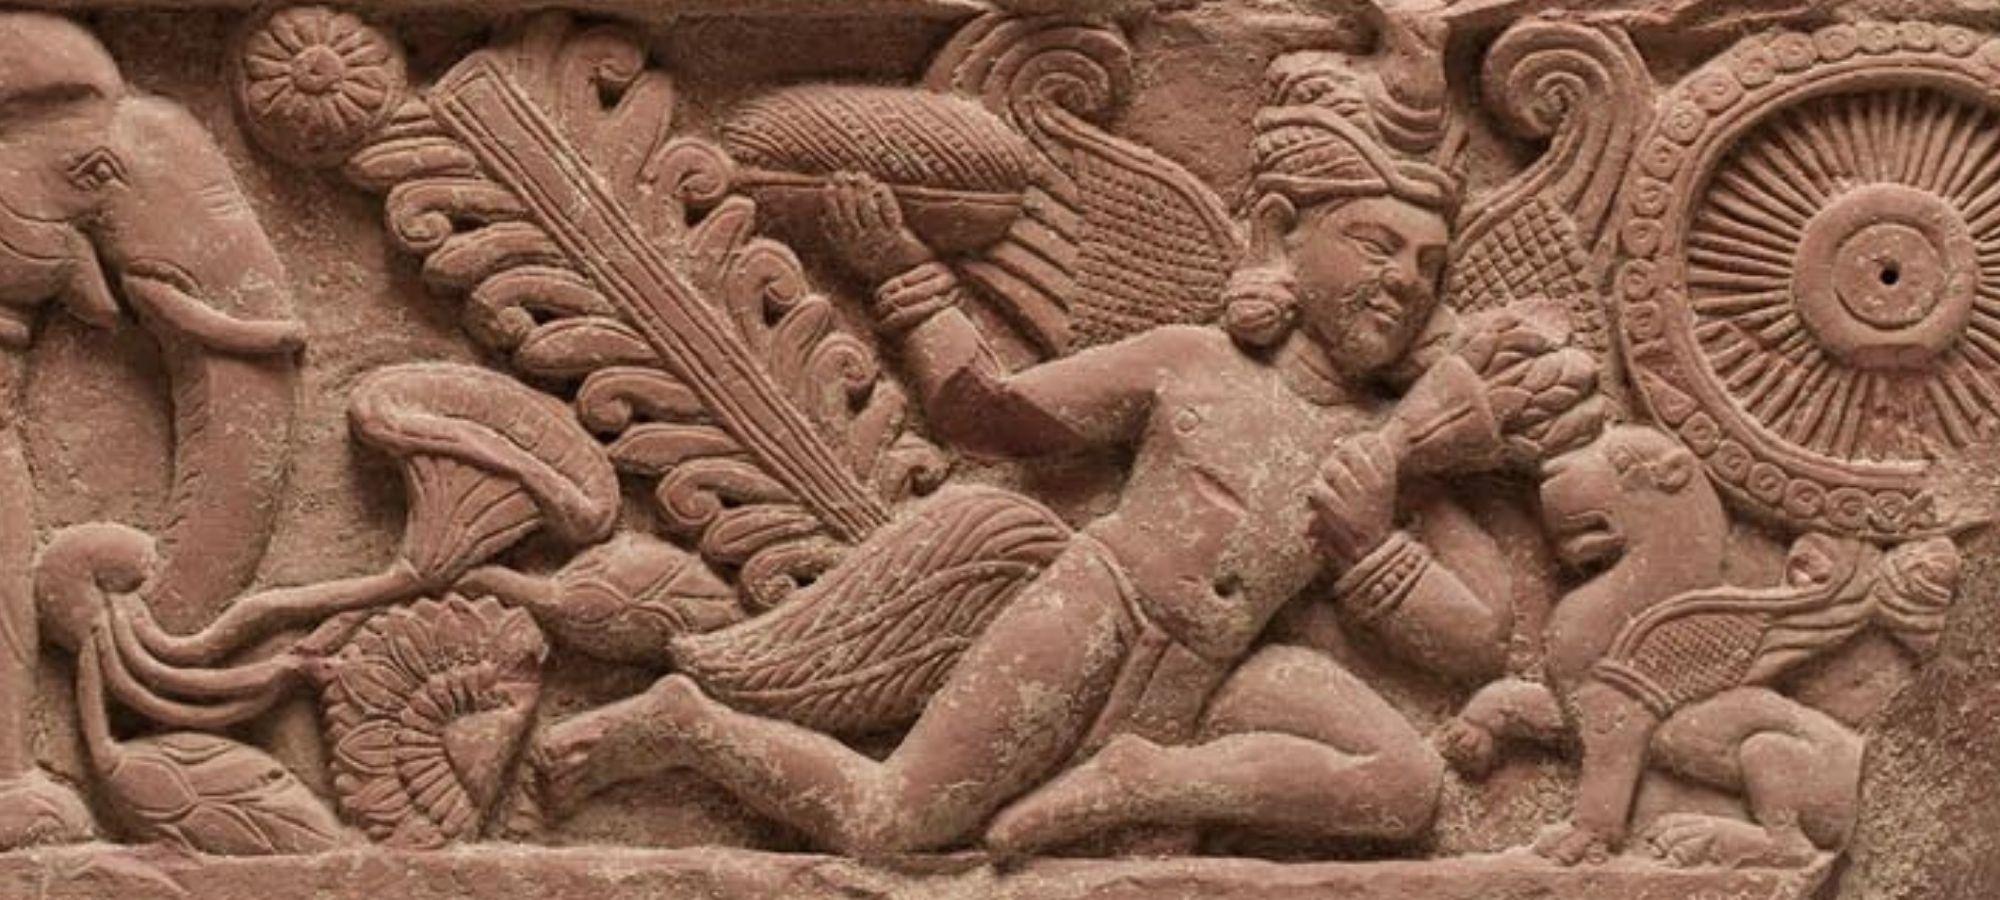 L'India antica e i capolavori in mostra a Mendrisio